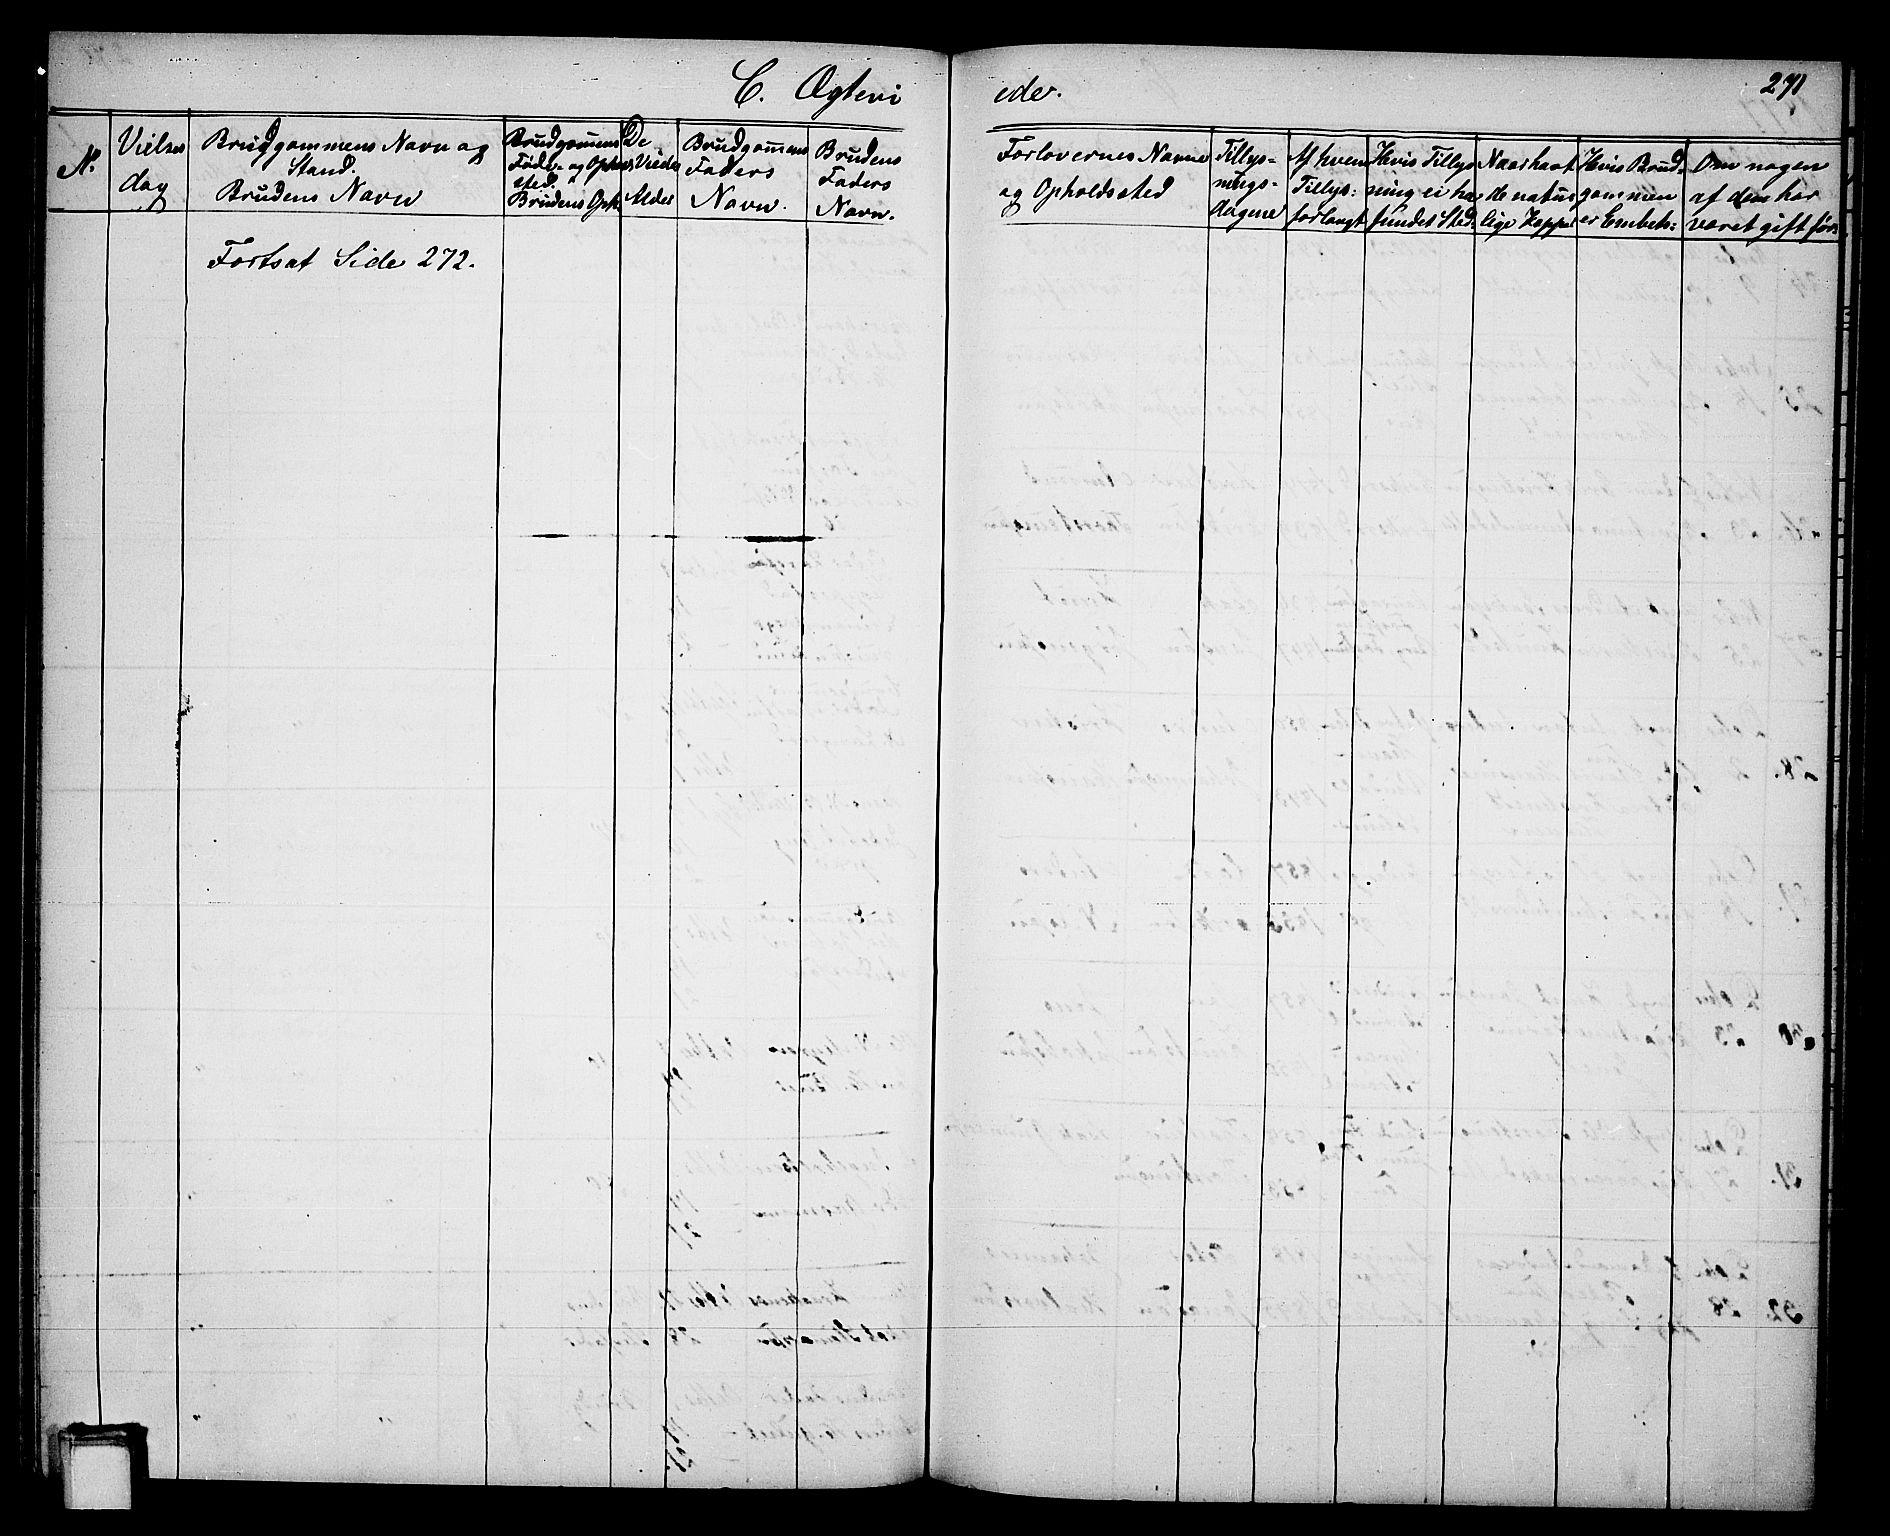 SAKO, Gjerpen kirkebøker, G/Ga/L0001: Klokkerbok nr. I 1, 1864-1882, s. 271